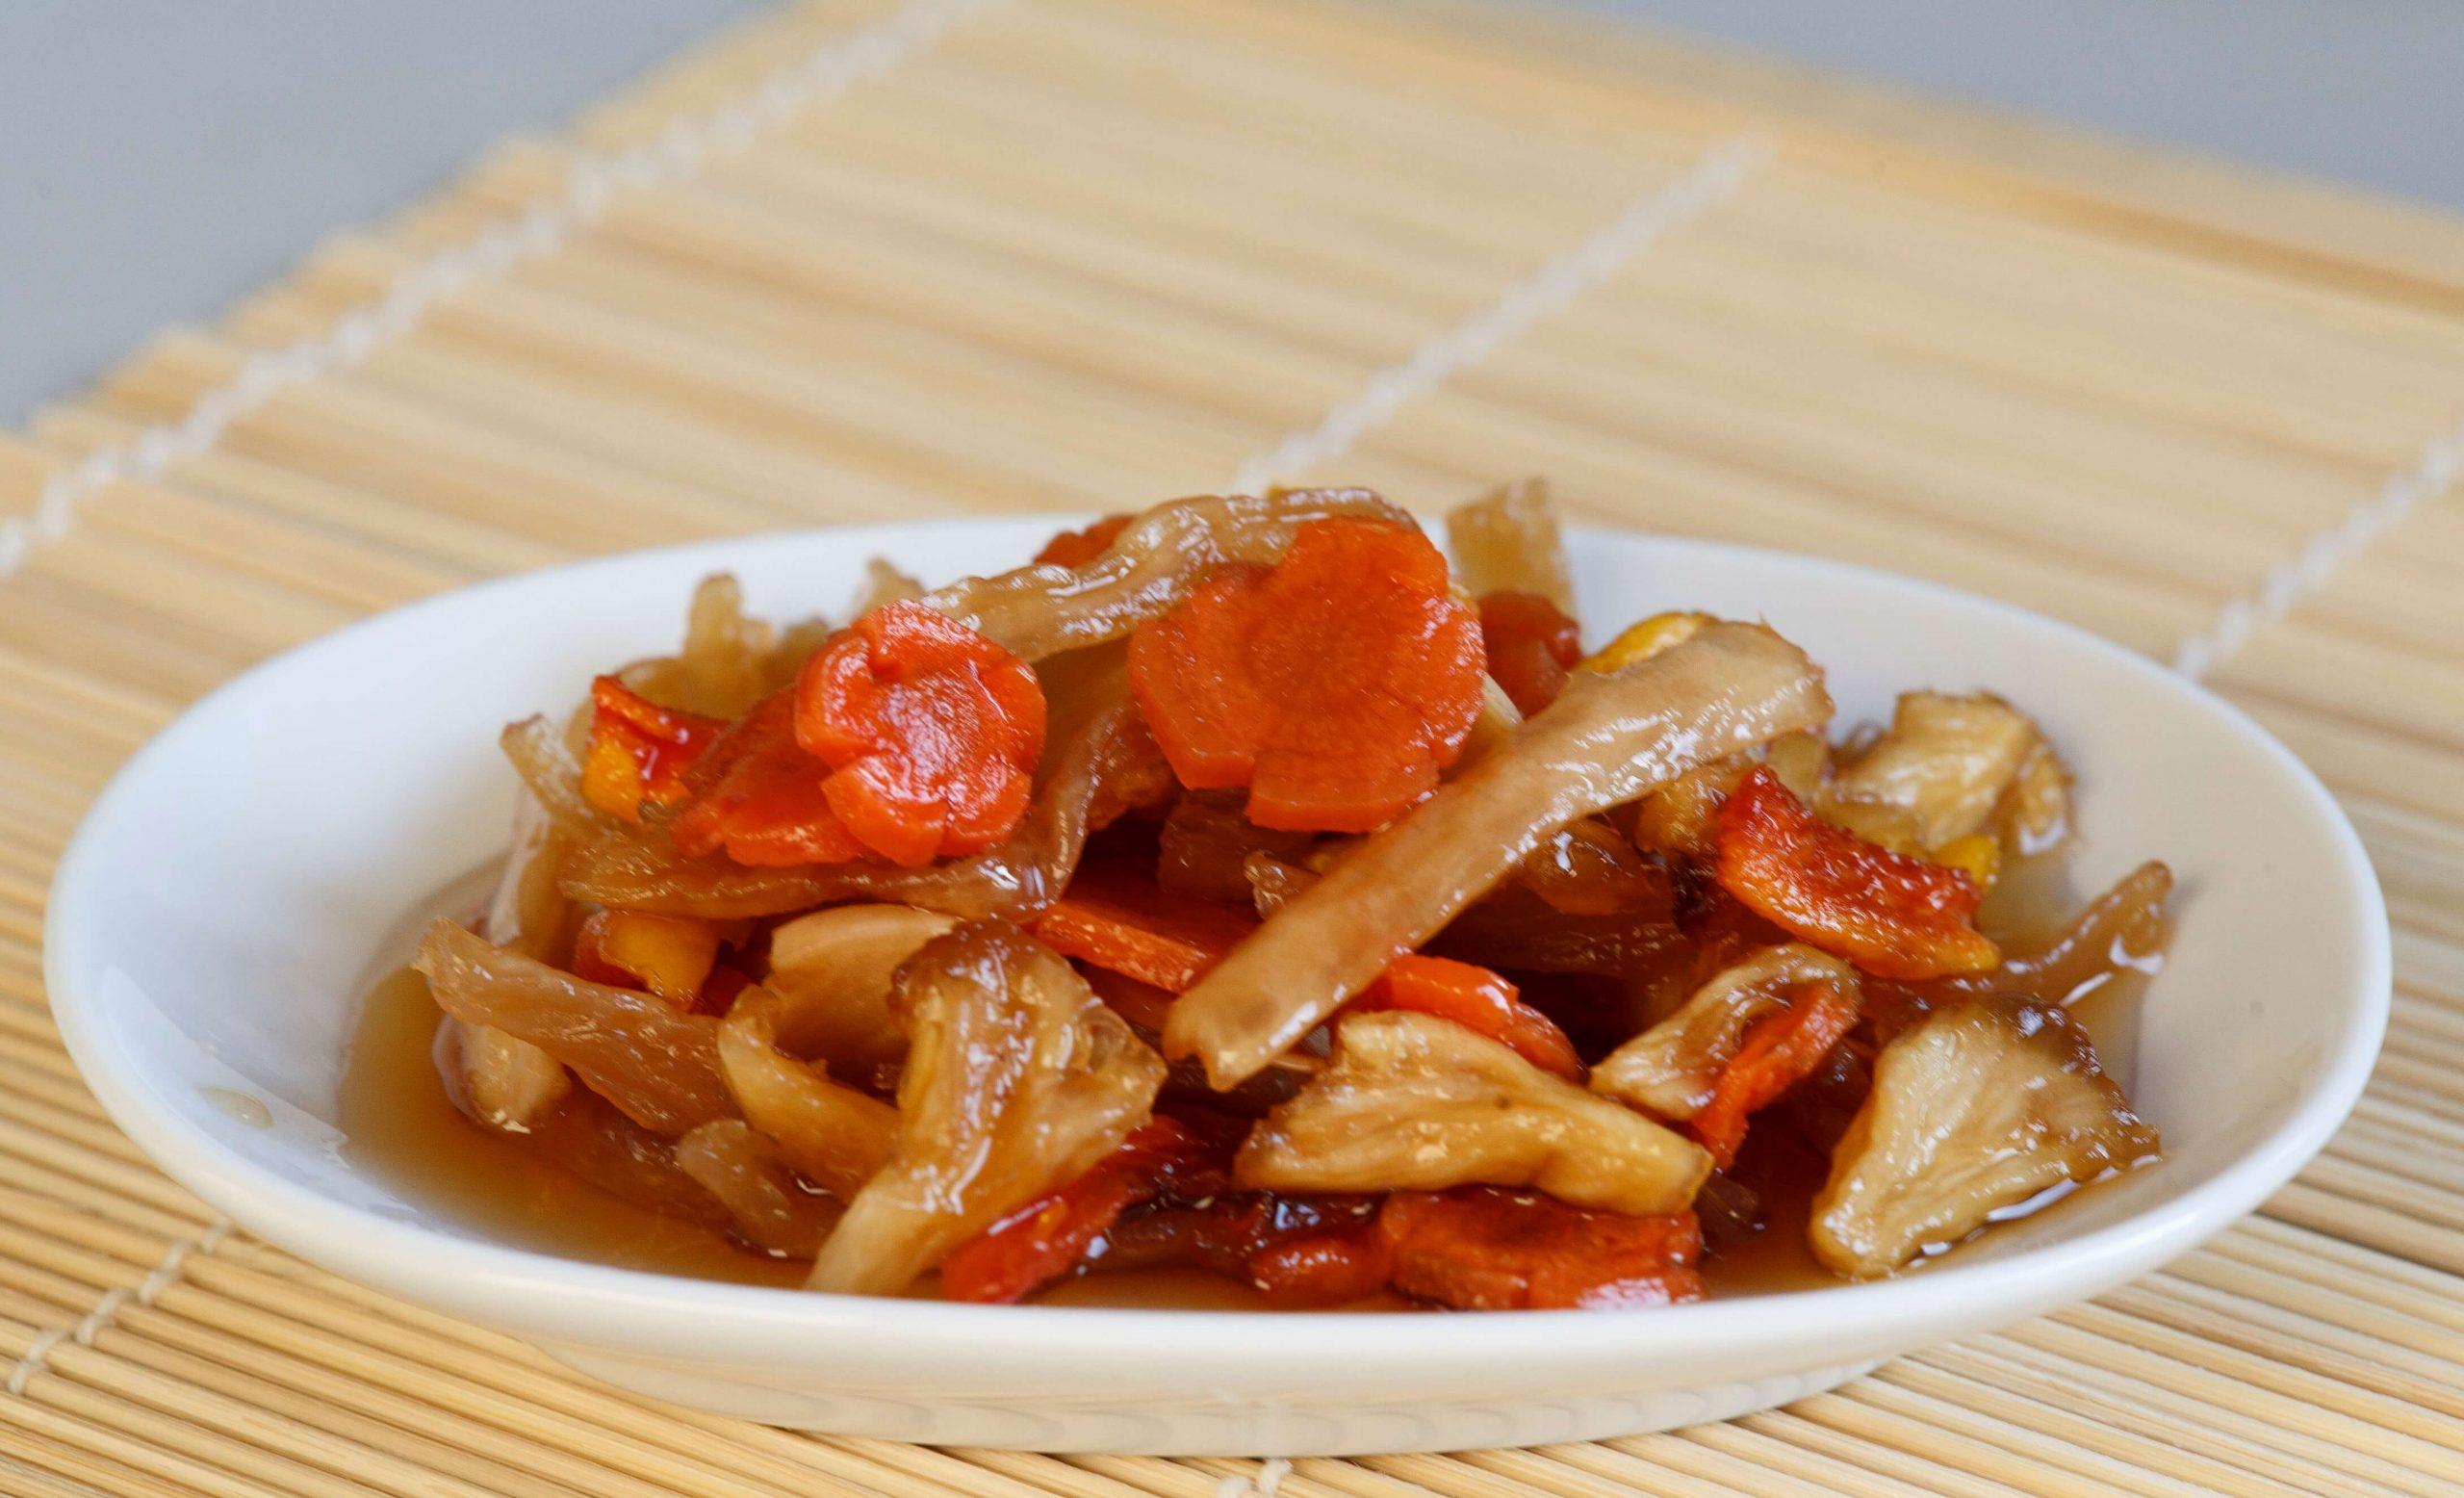 Củ cải đỏ nấu món gì 10